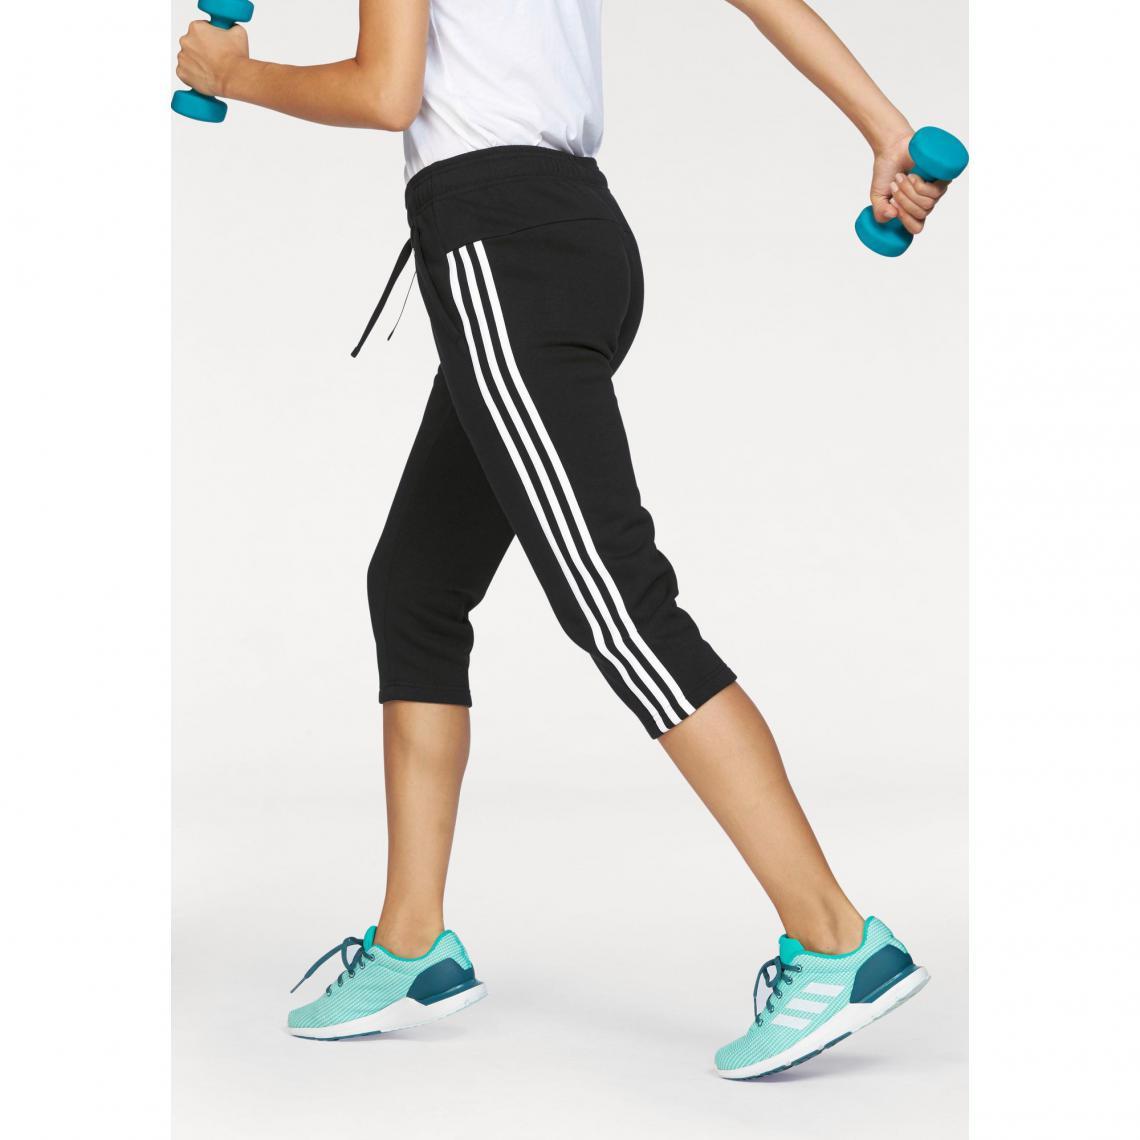 Jogging adidas Performance Essential 3S 34 pant femme - Noir  9333bdea01d